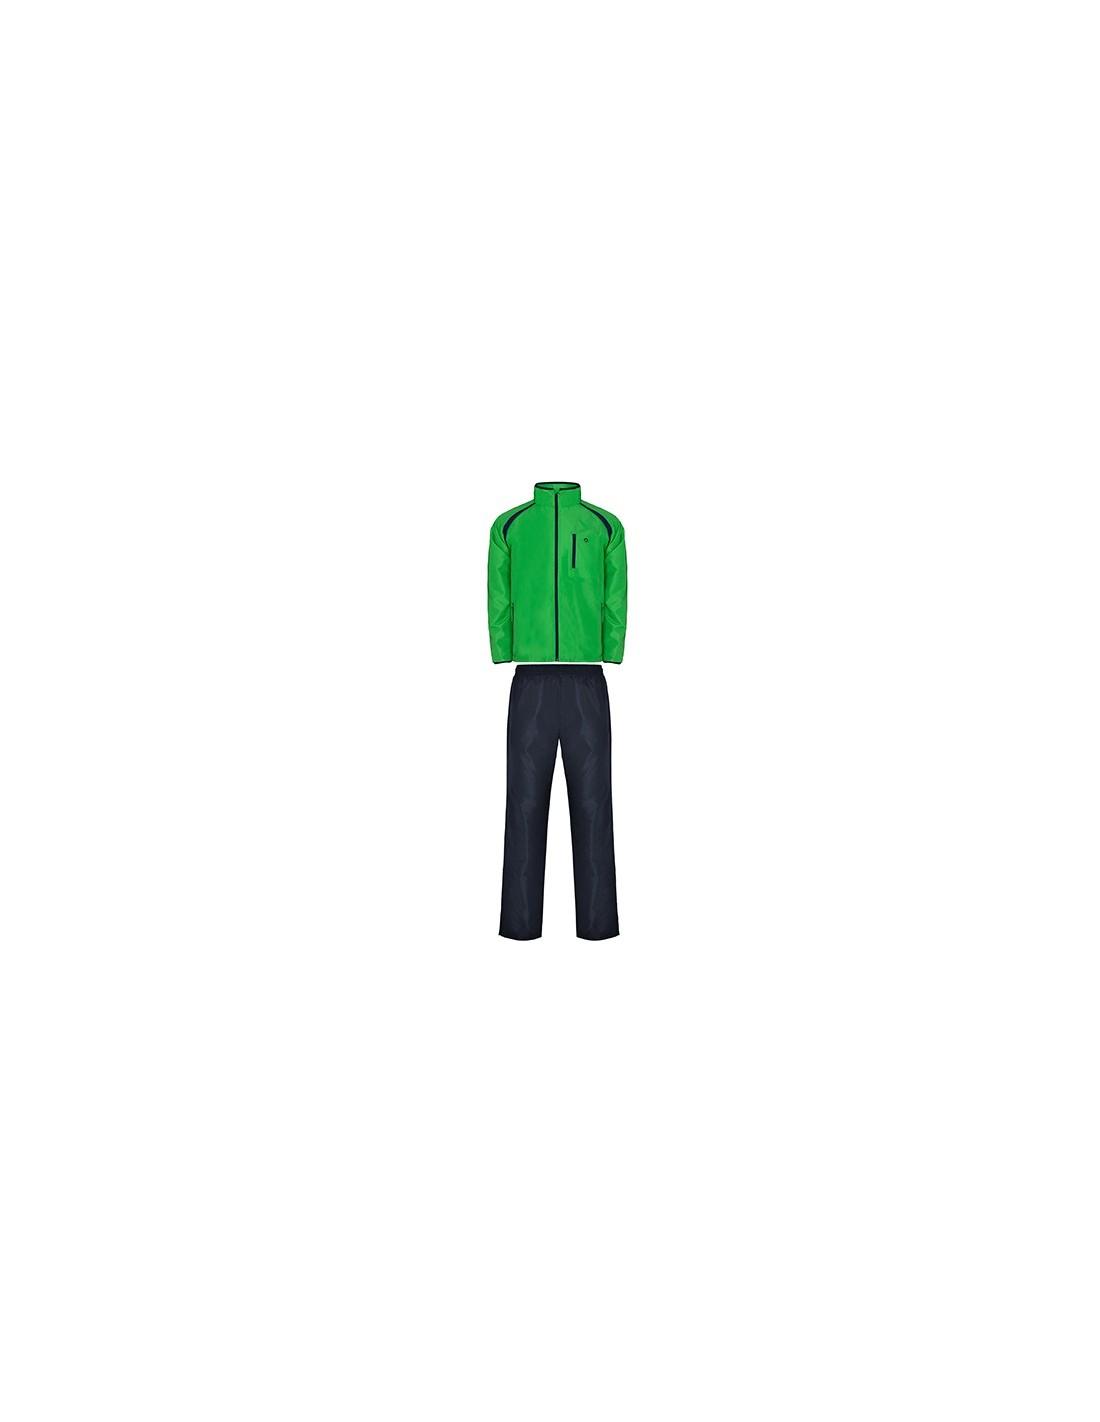 683a3b027fc6a Sudadera Capucha Hooded - Que Camisetas .com